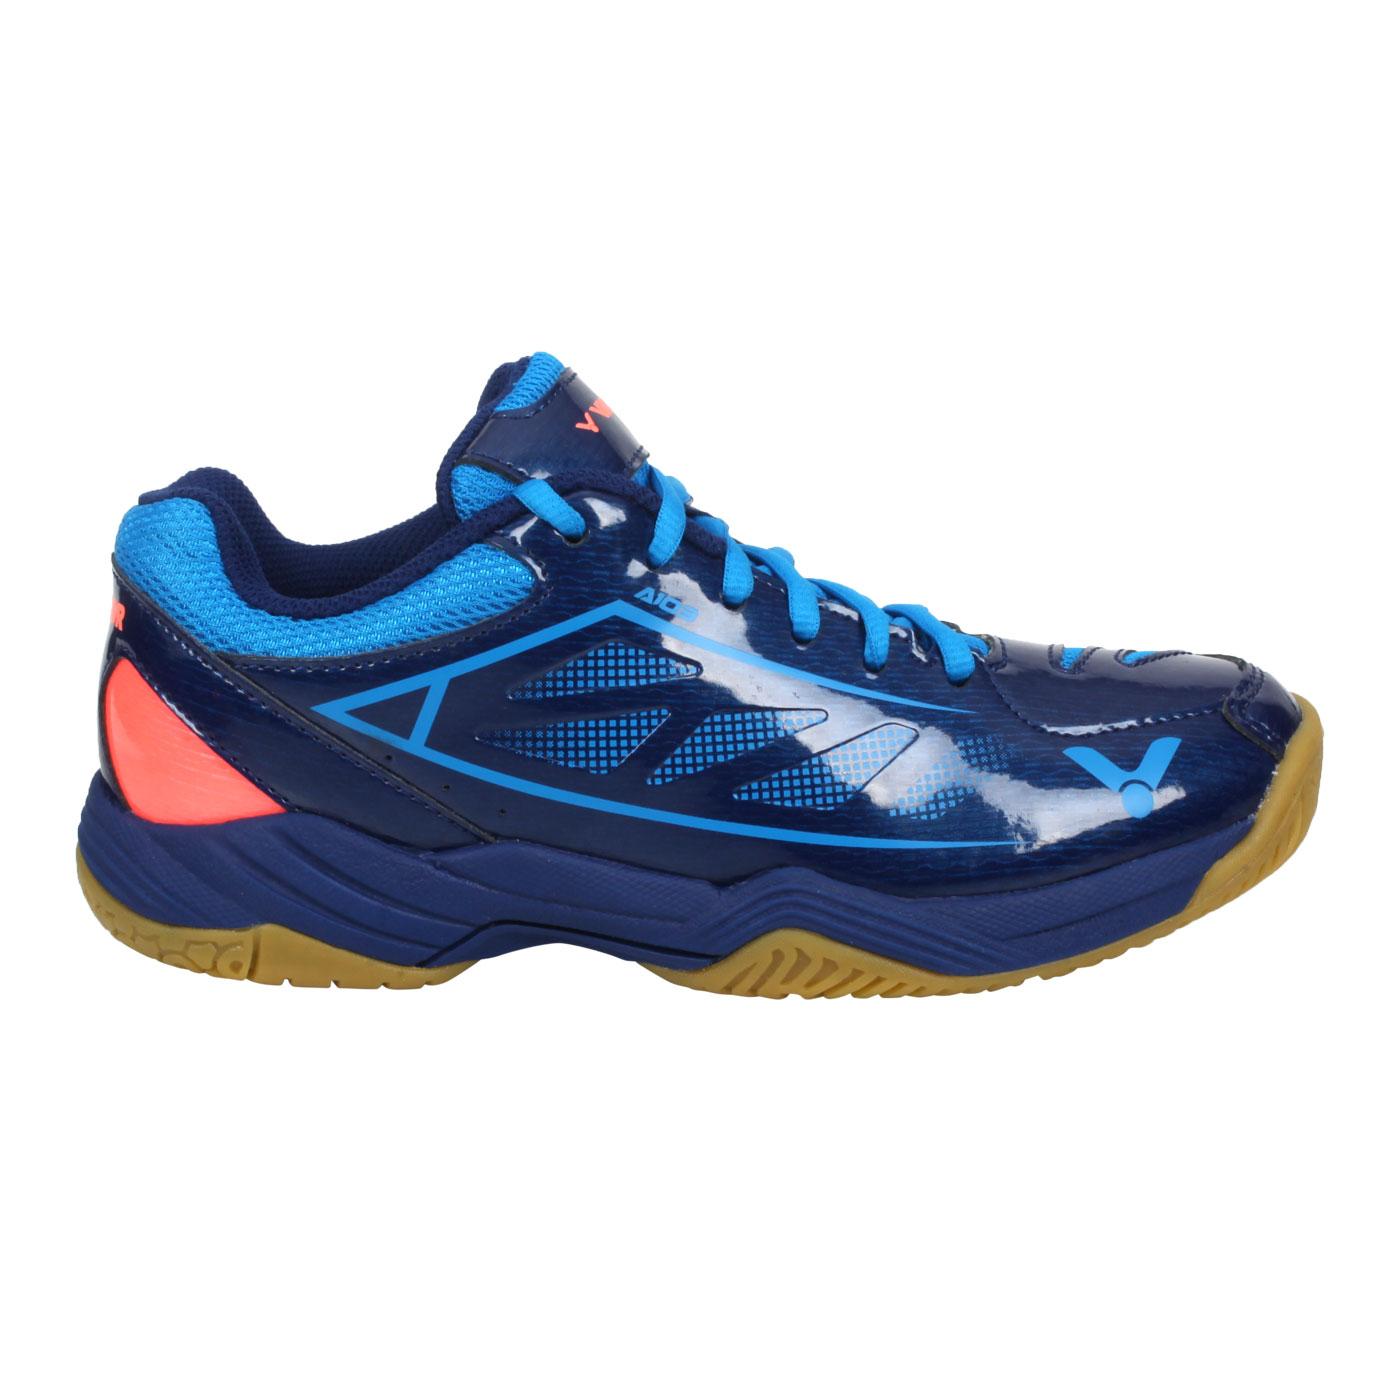 VICTOR 羽球鞋 A103-BF